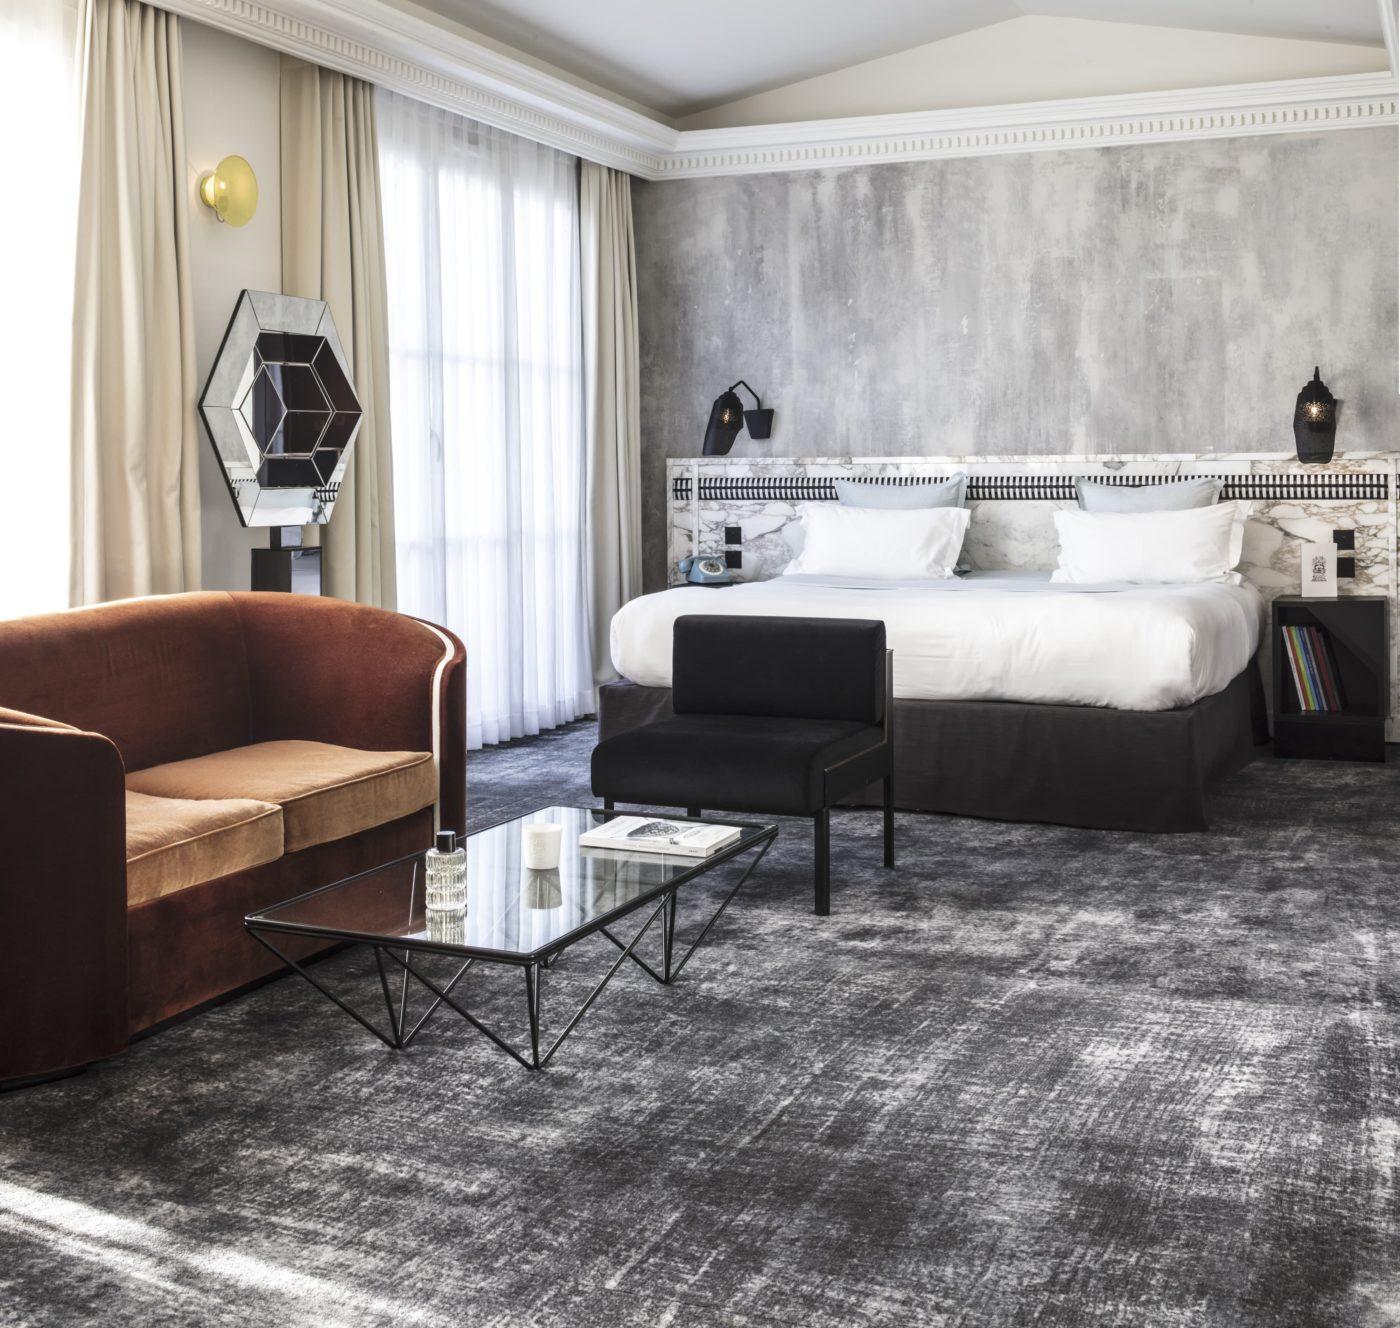 Hotel Luxe Paris | Les Bains Paris – Hotel Paris | Photo Gallery